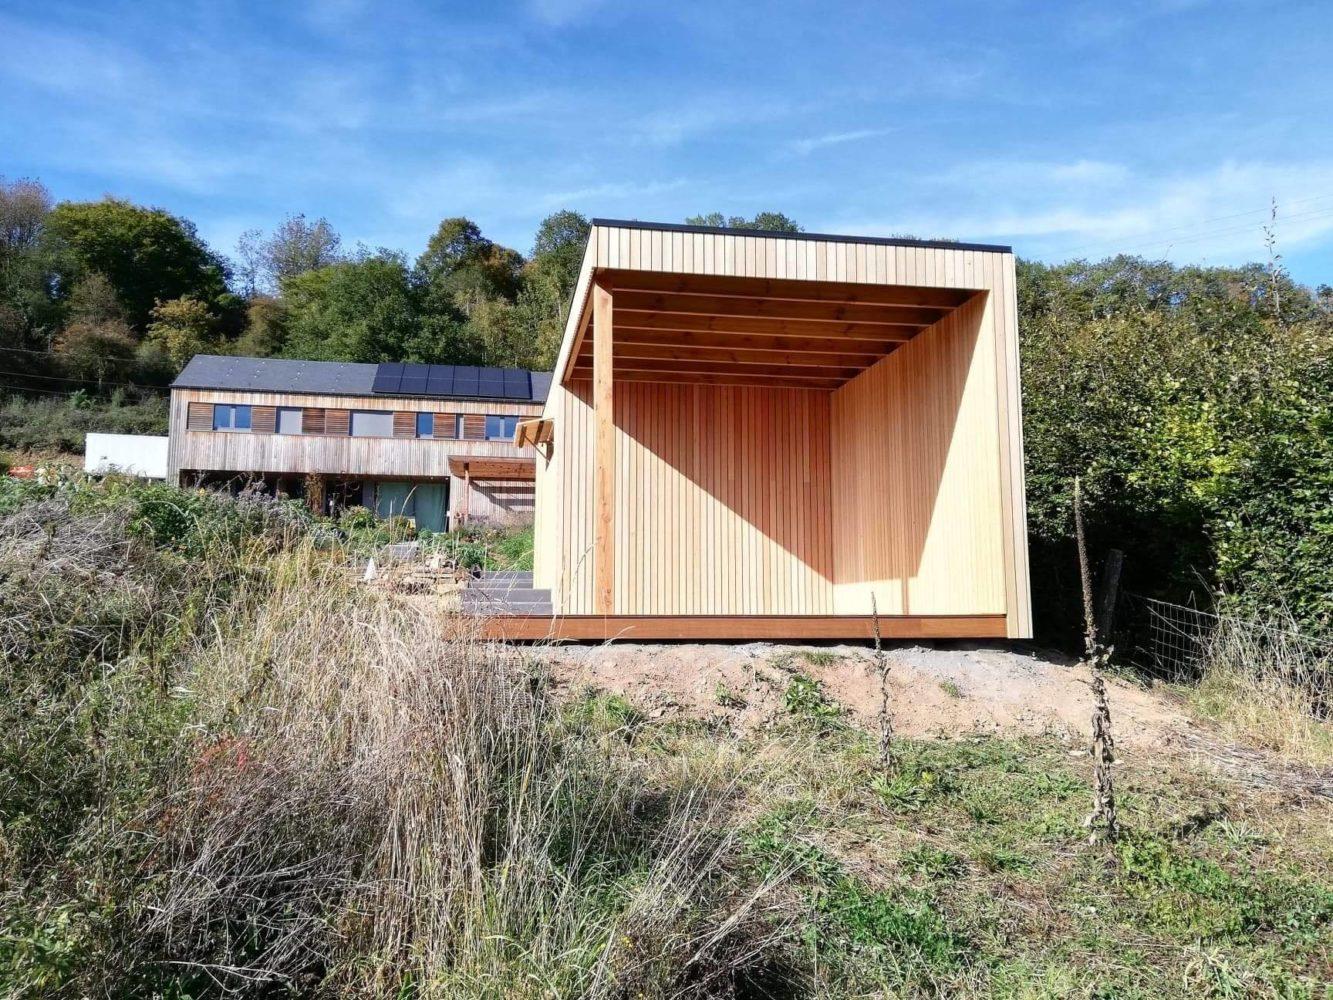 Tendance Bois - Menuiserie Et Mobilier Bois | Abri De Jardin ... dedans Abri De Jardin Design